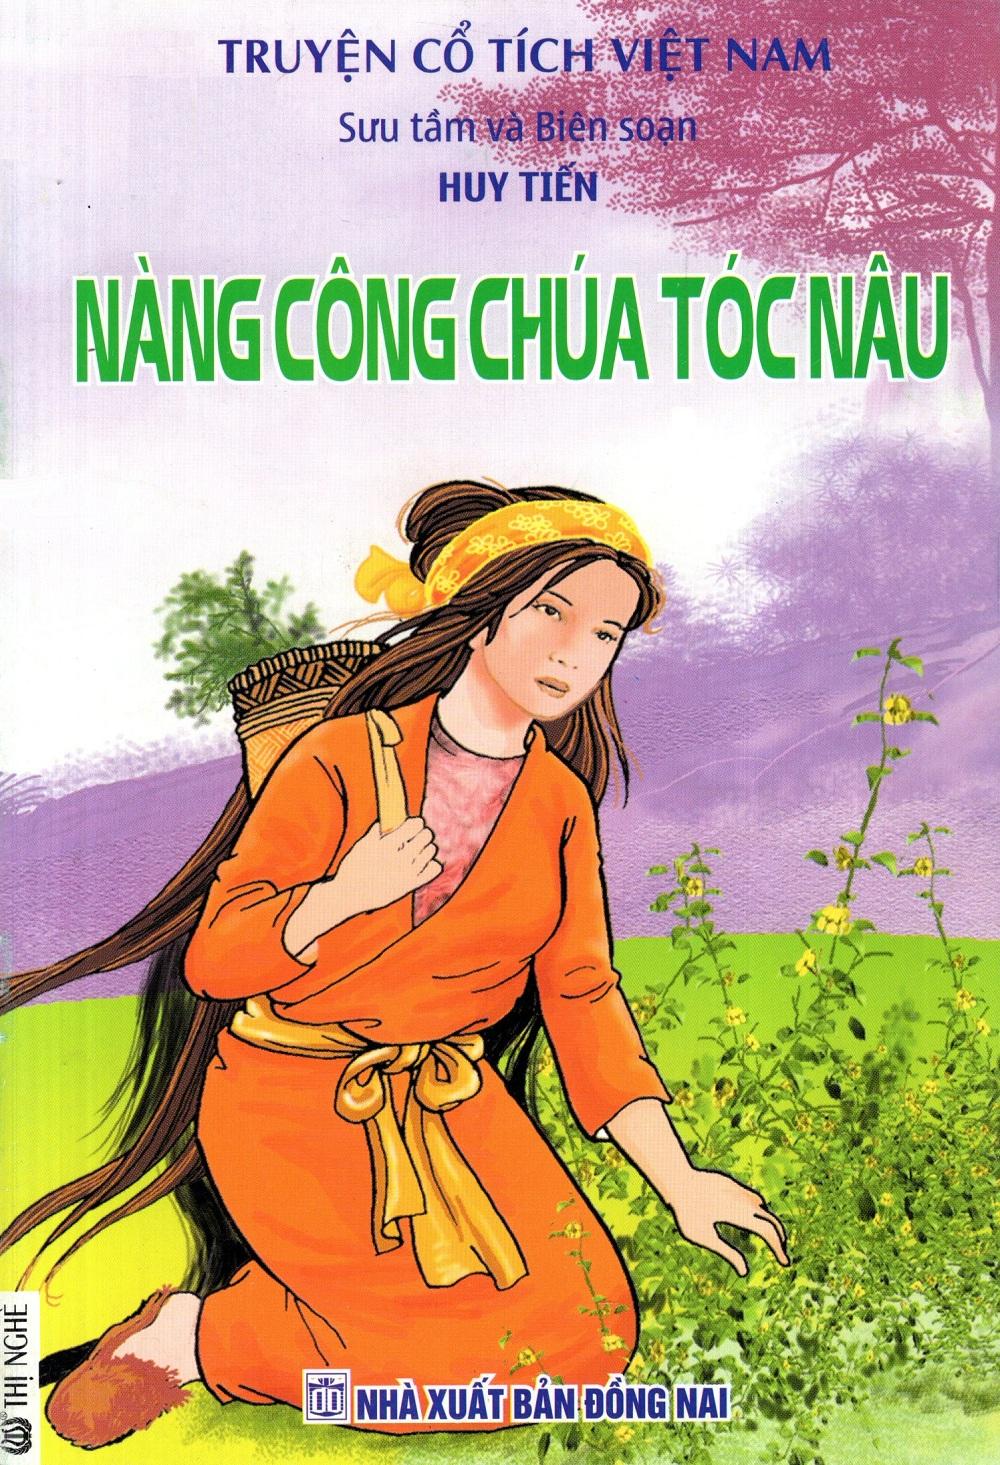 Truyện Cổ Tích Việt Nam - Nàng Công Chúa Tóc Nâu - 8935945013957,62_259547,7000,tiki.vn,Truyen-Co-Tich-Viet-Nam-Nang-Cong-Chua-Toc-Nau-62_259547,Truyện Cổ Tích Việt Nam - Nàng Công Chúa Tóc Nâu